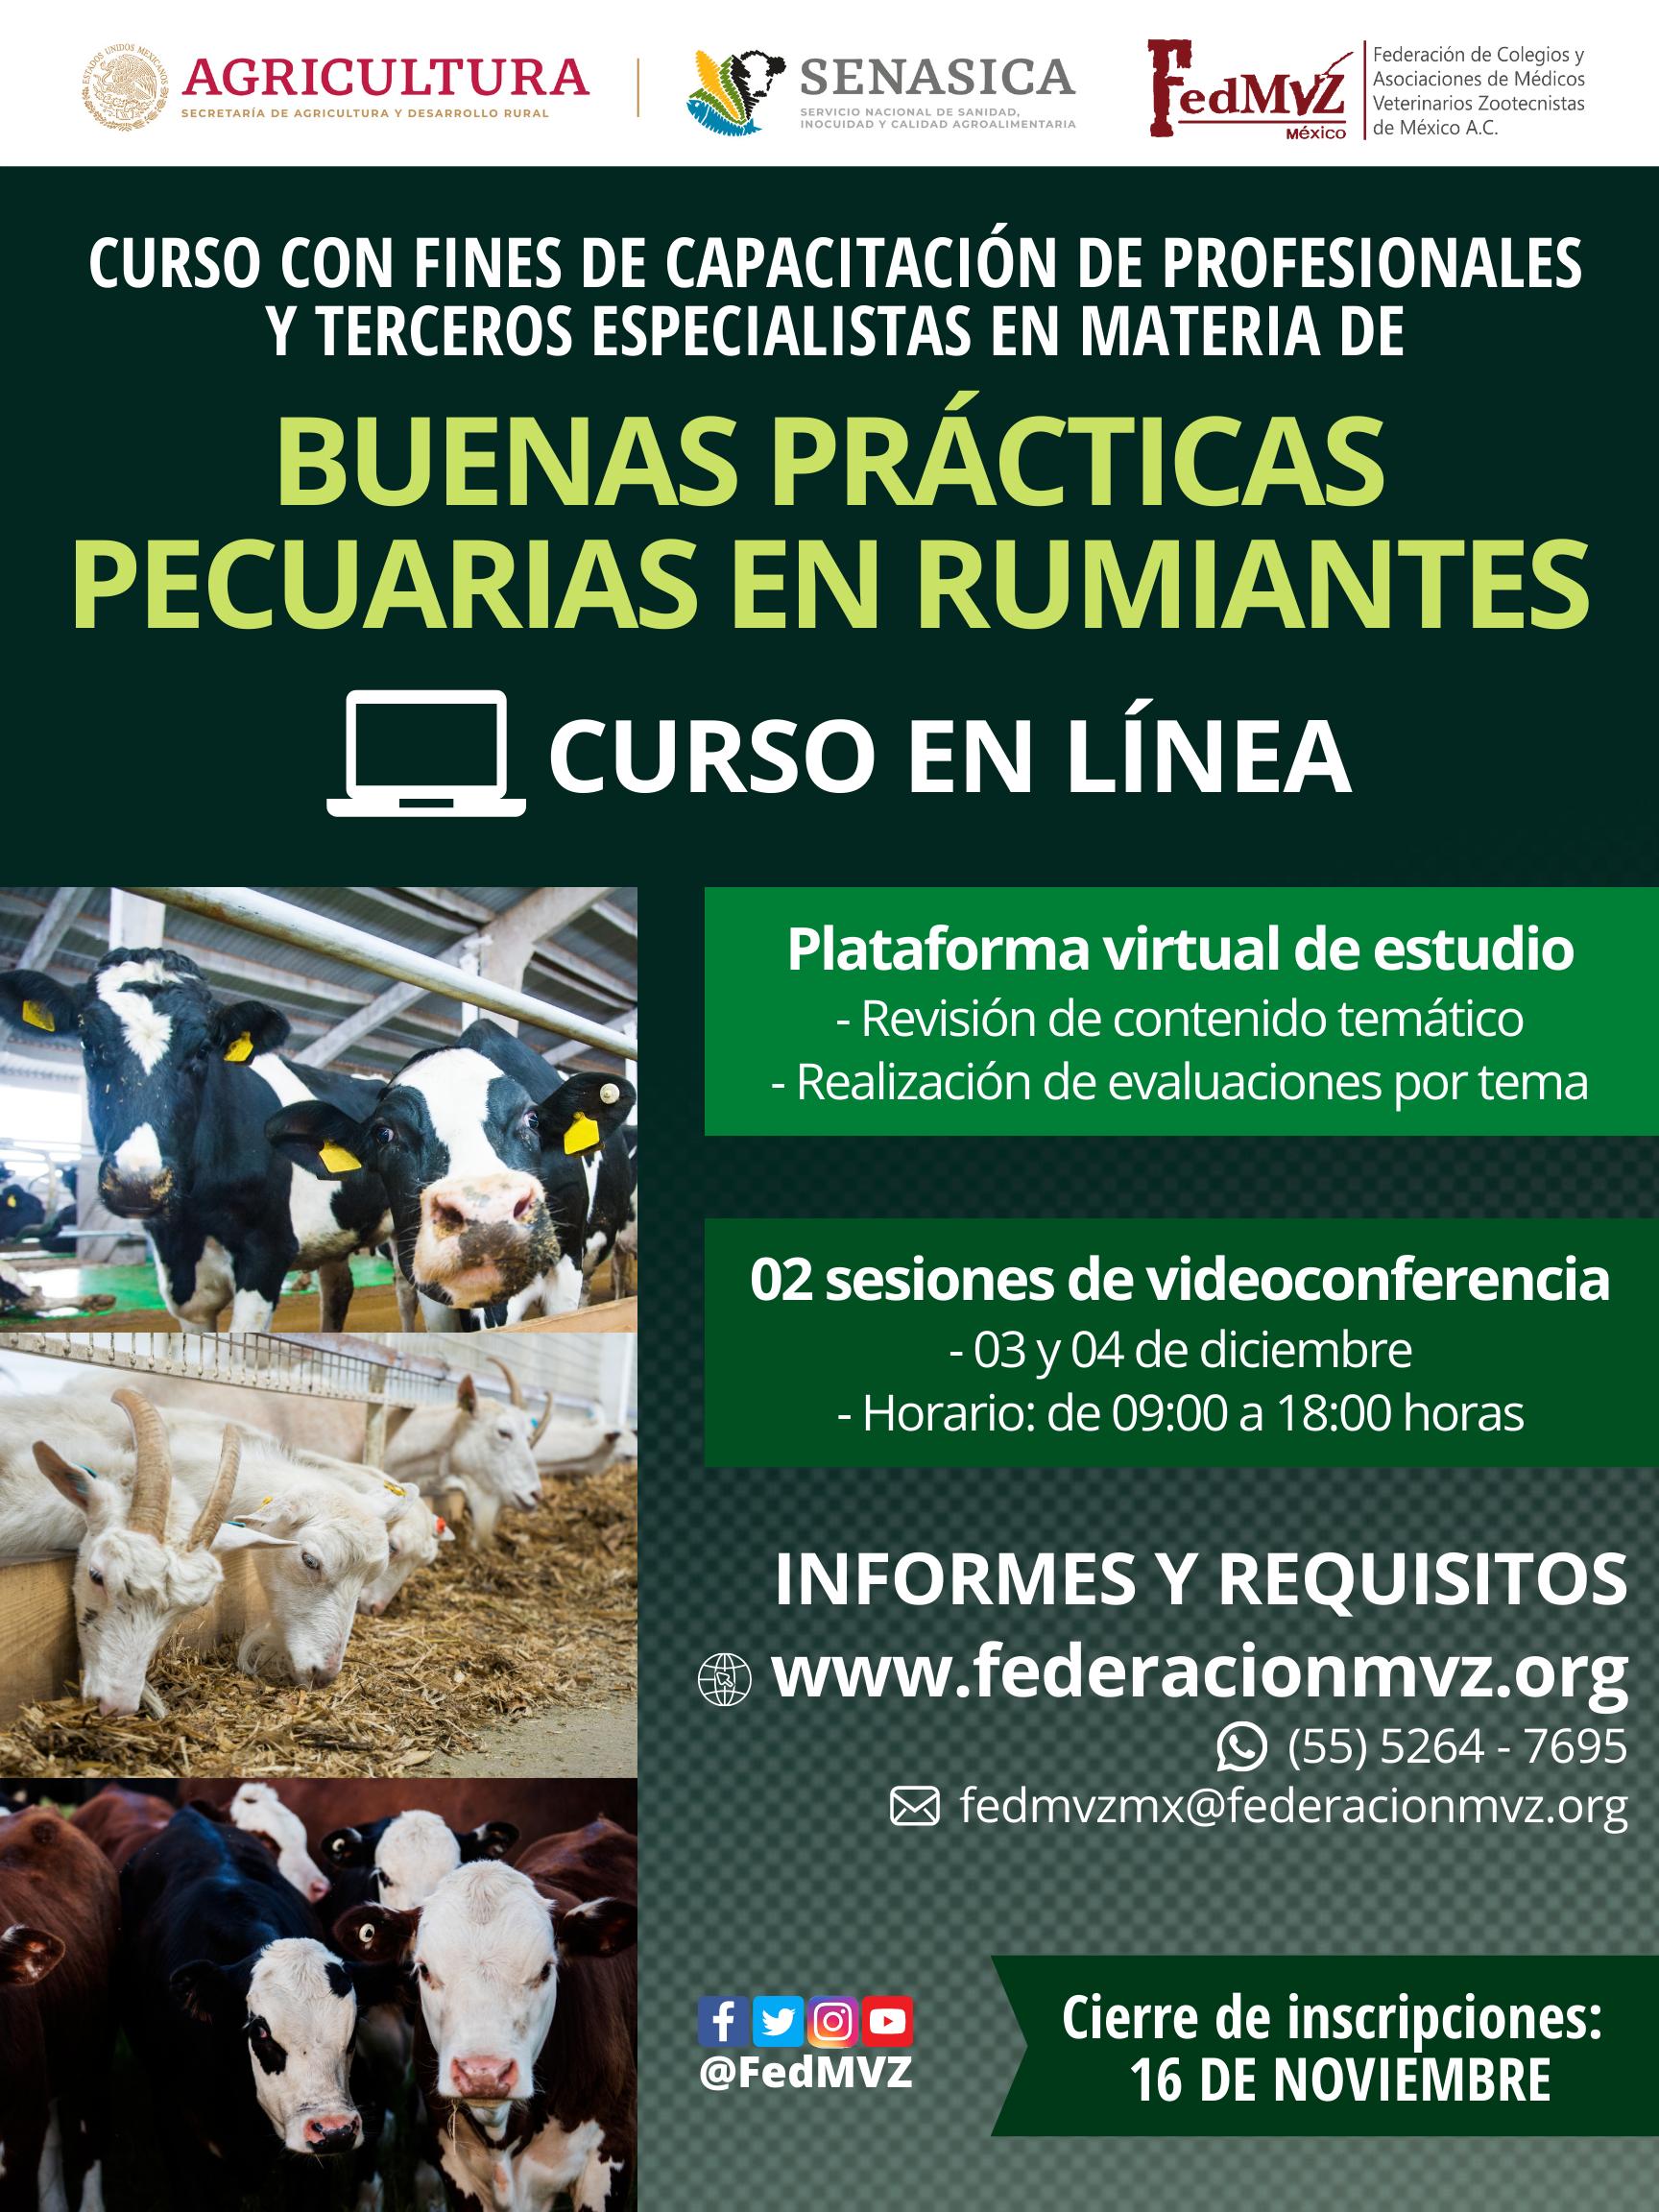 CURSO_BPP_RUMIANTES_EN_LÍNEA_DICIEMBRE.